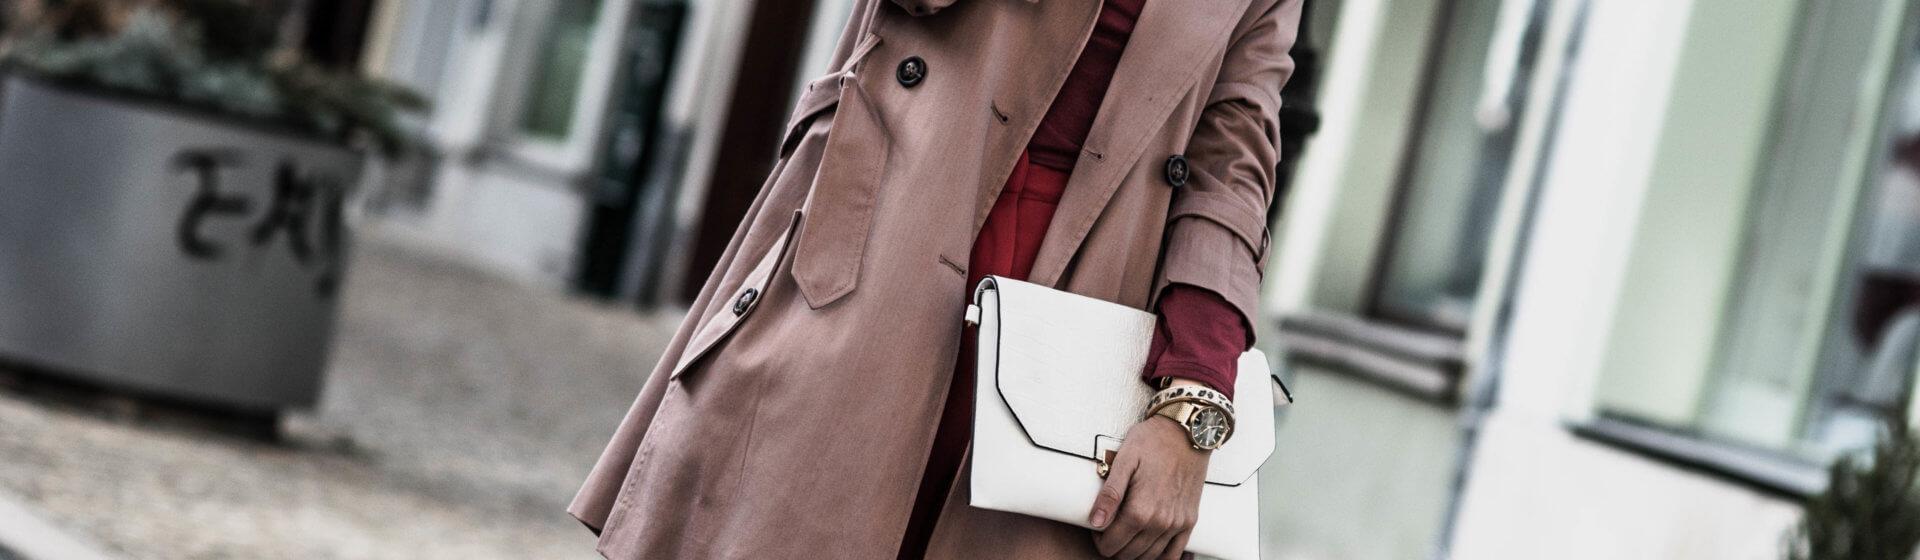 Leichtes Color Blocking Outfit - So trägst du den Trend Shoelove Deichmann